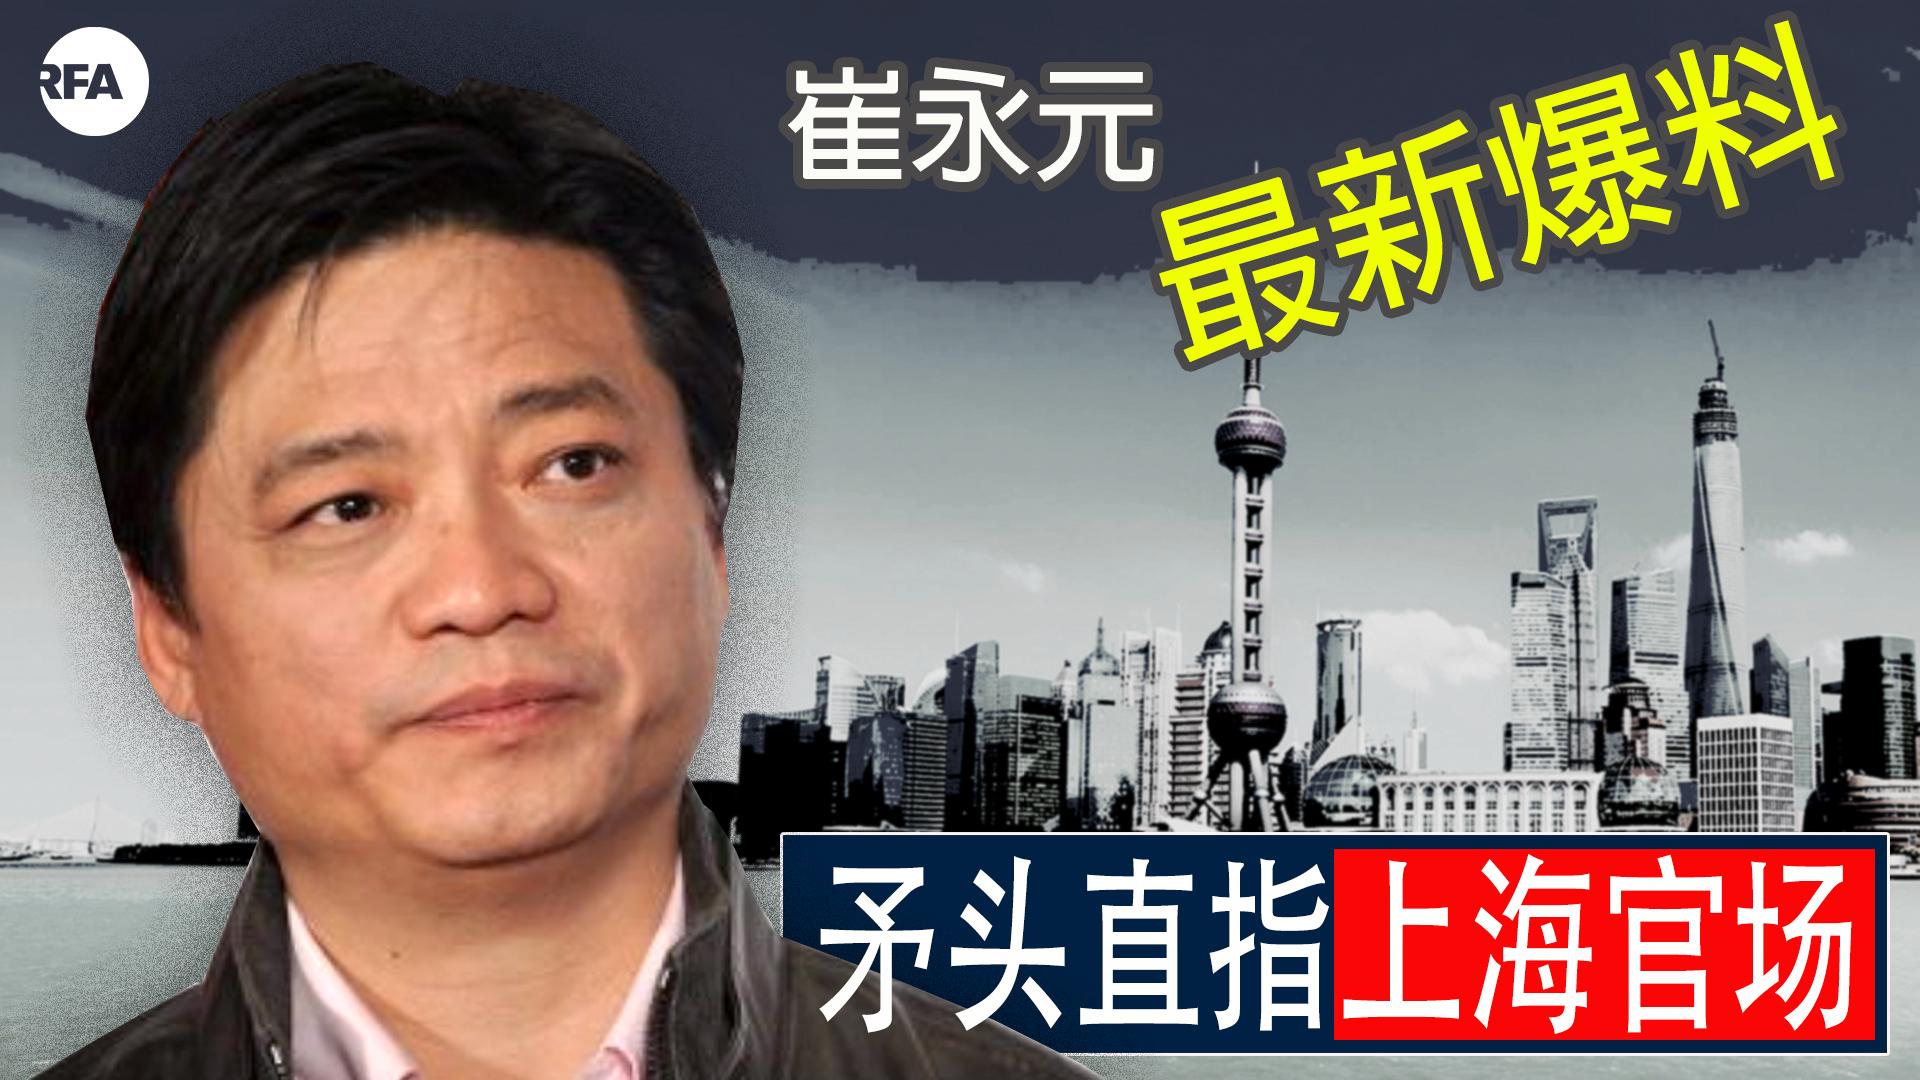 被崔永元爆料 上海官场面临巨震